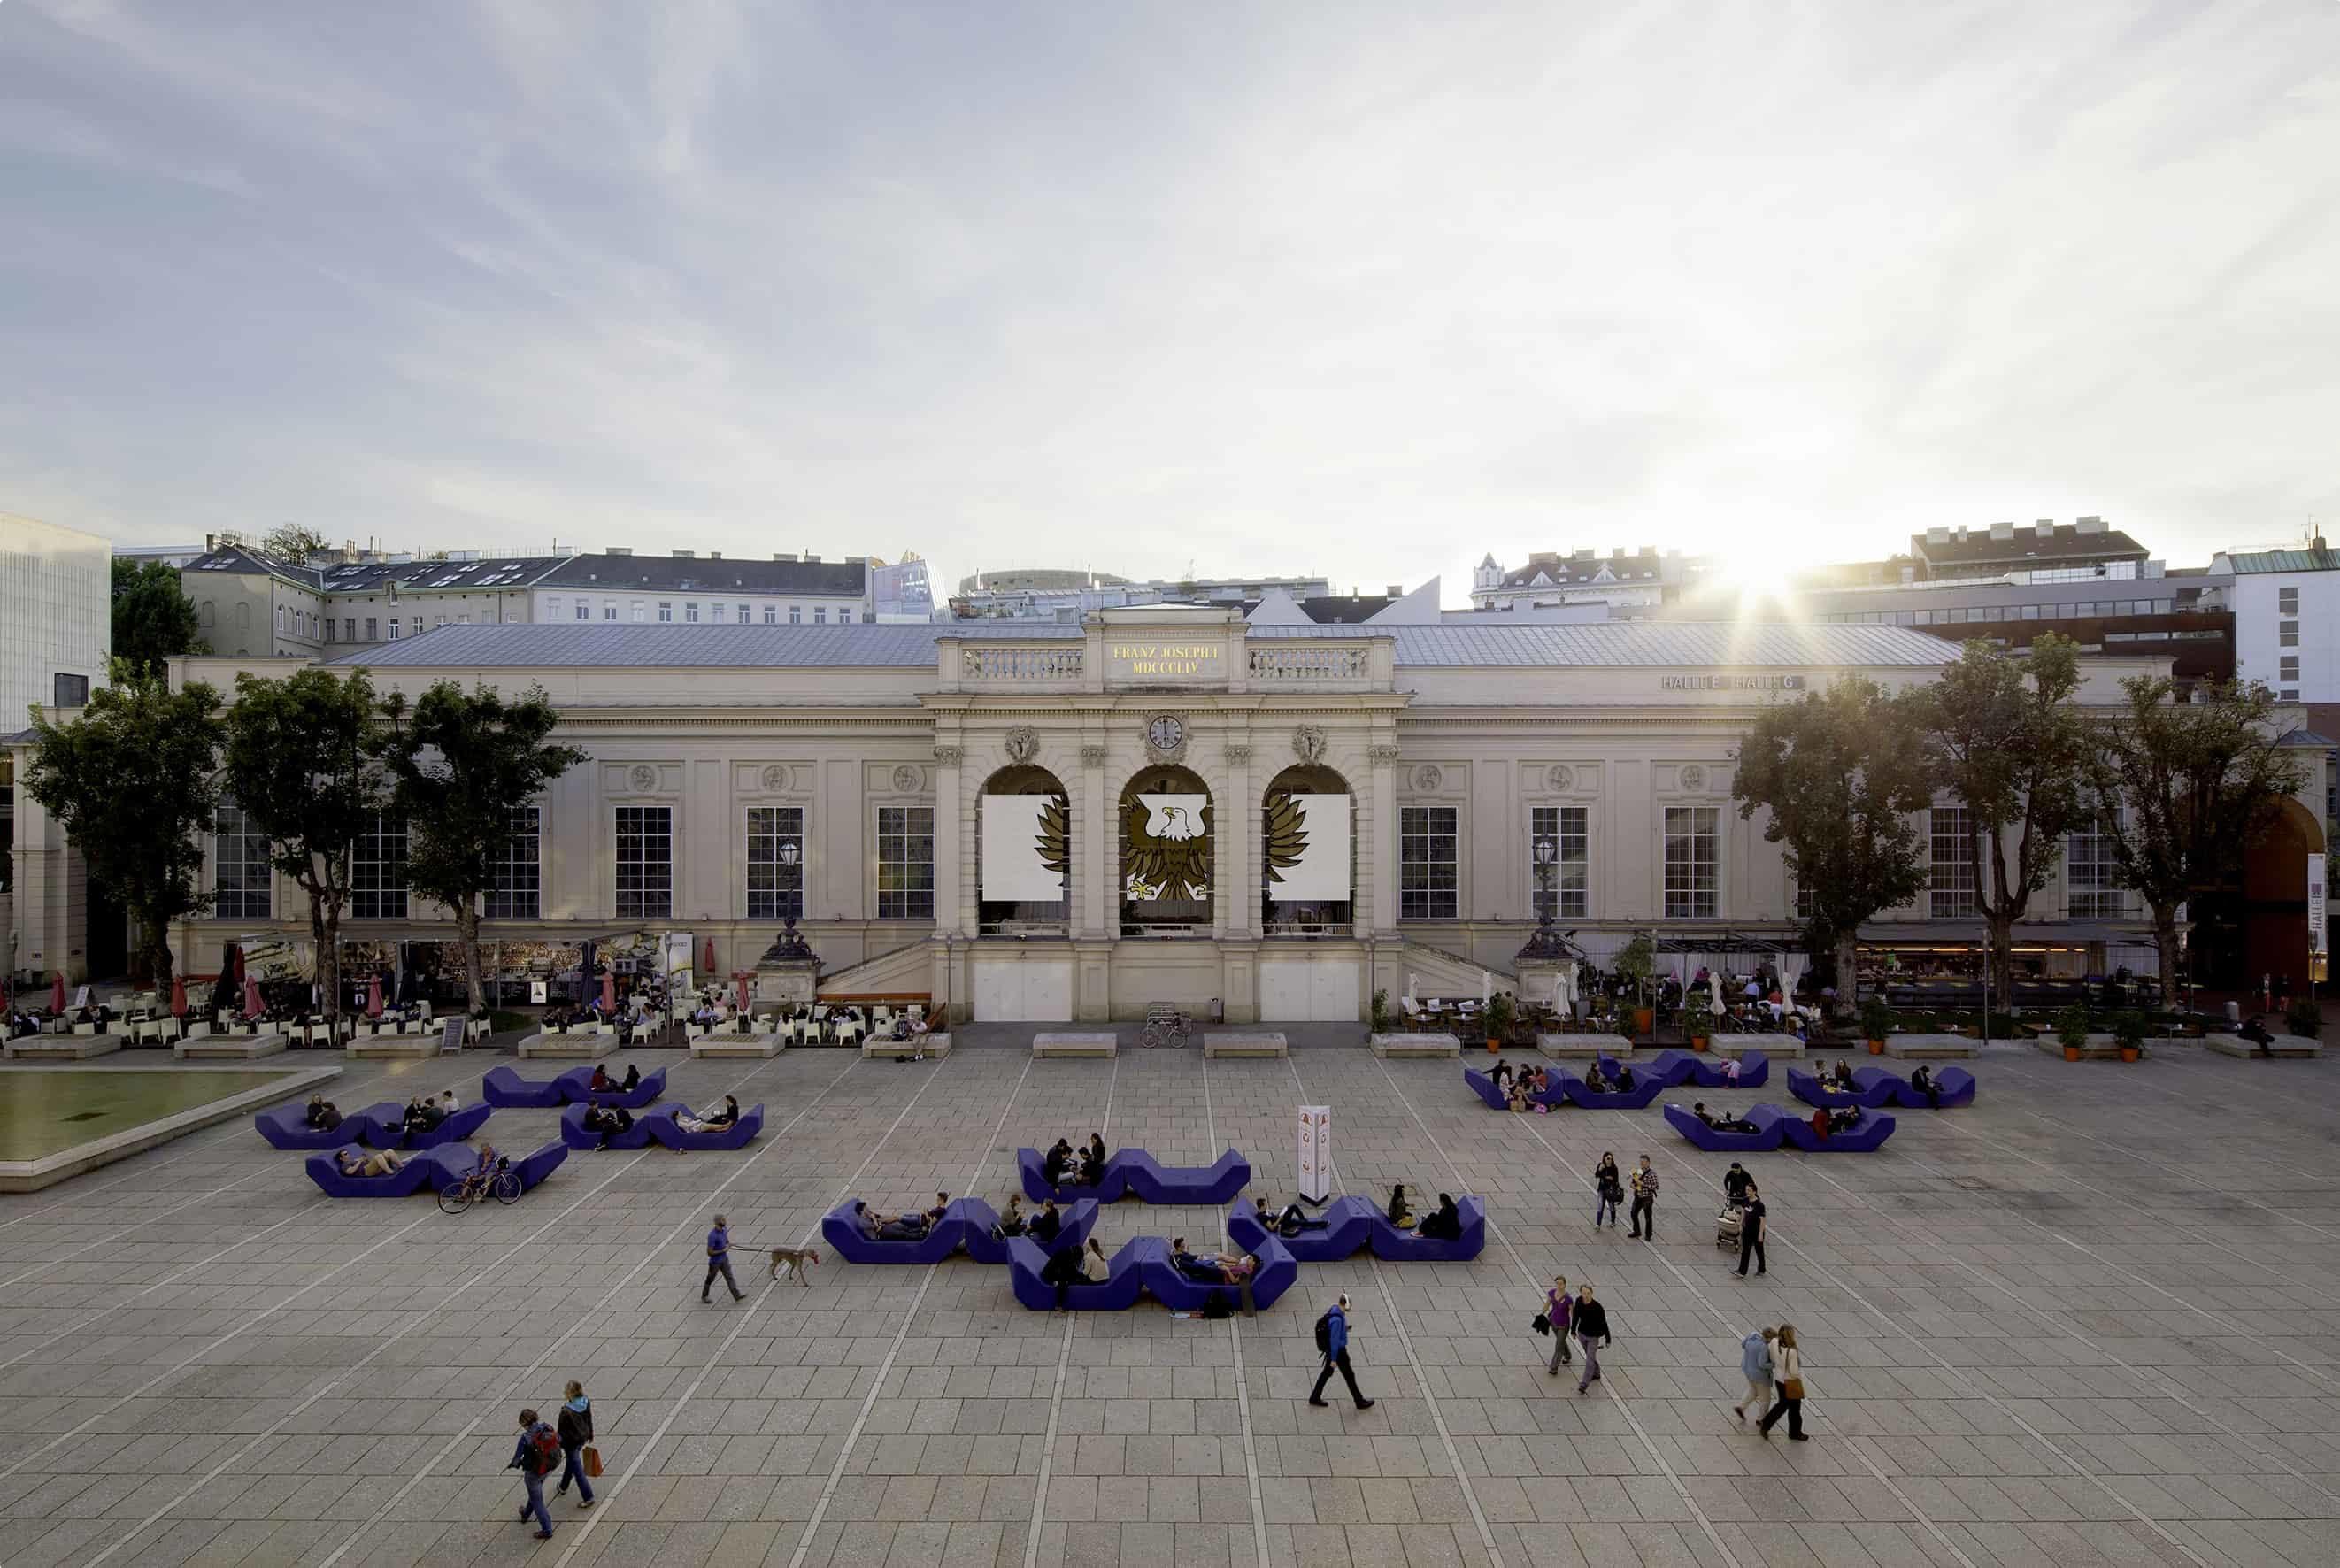 Museumsquartier Austria